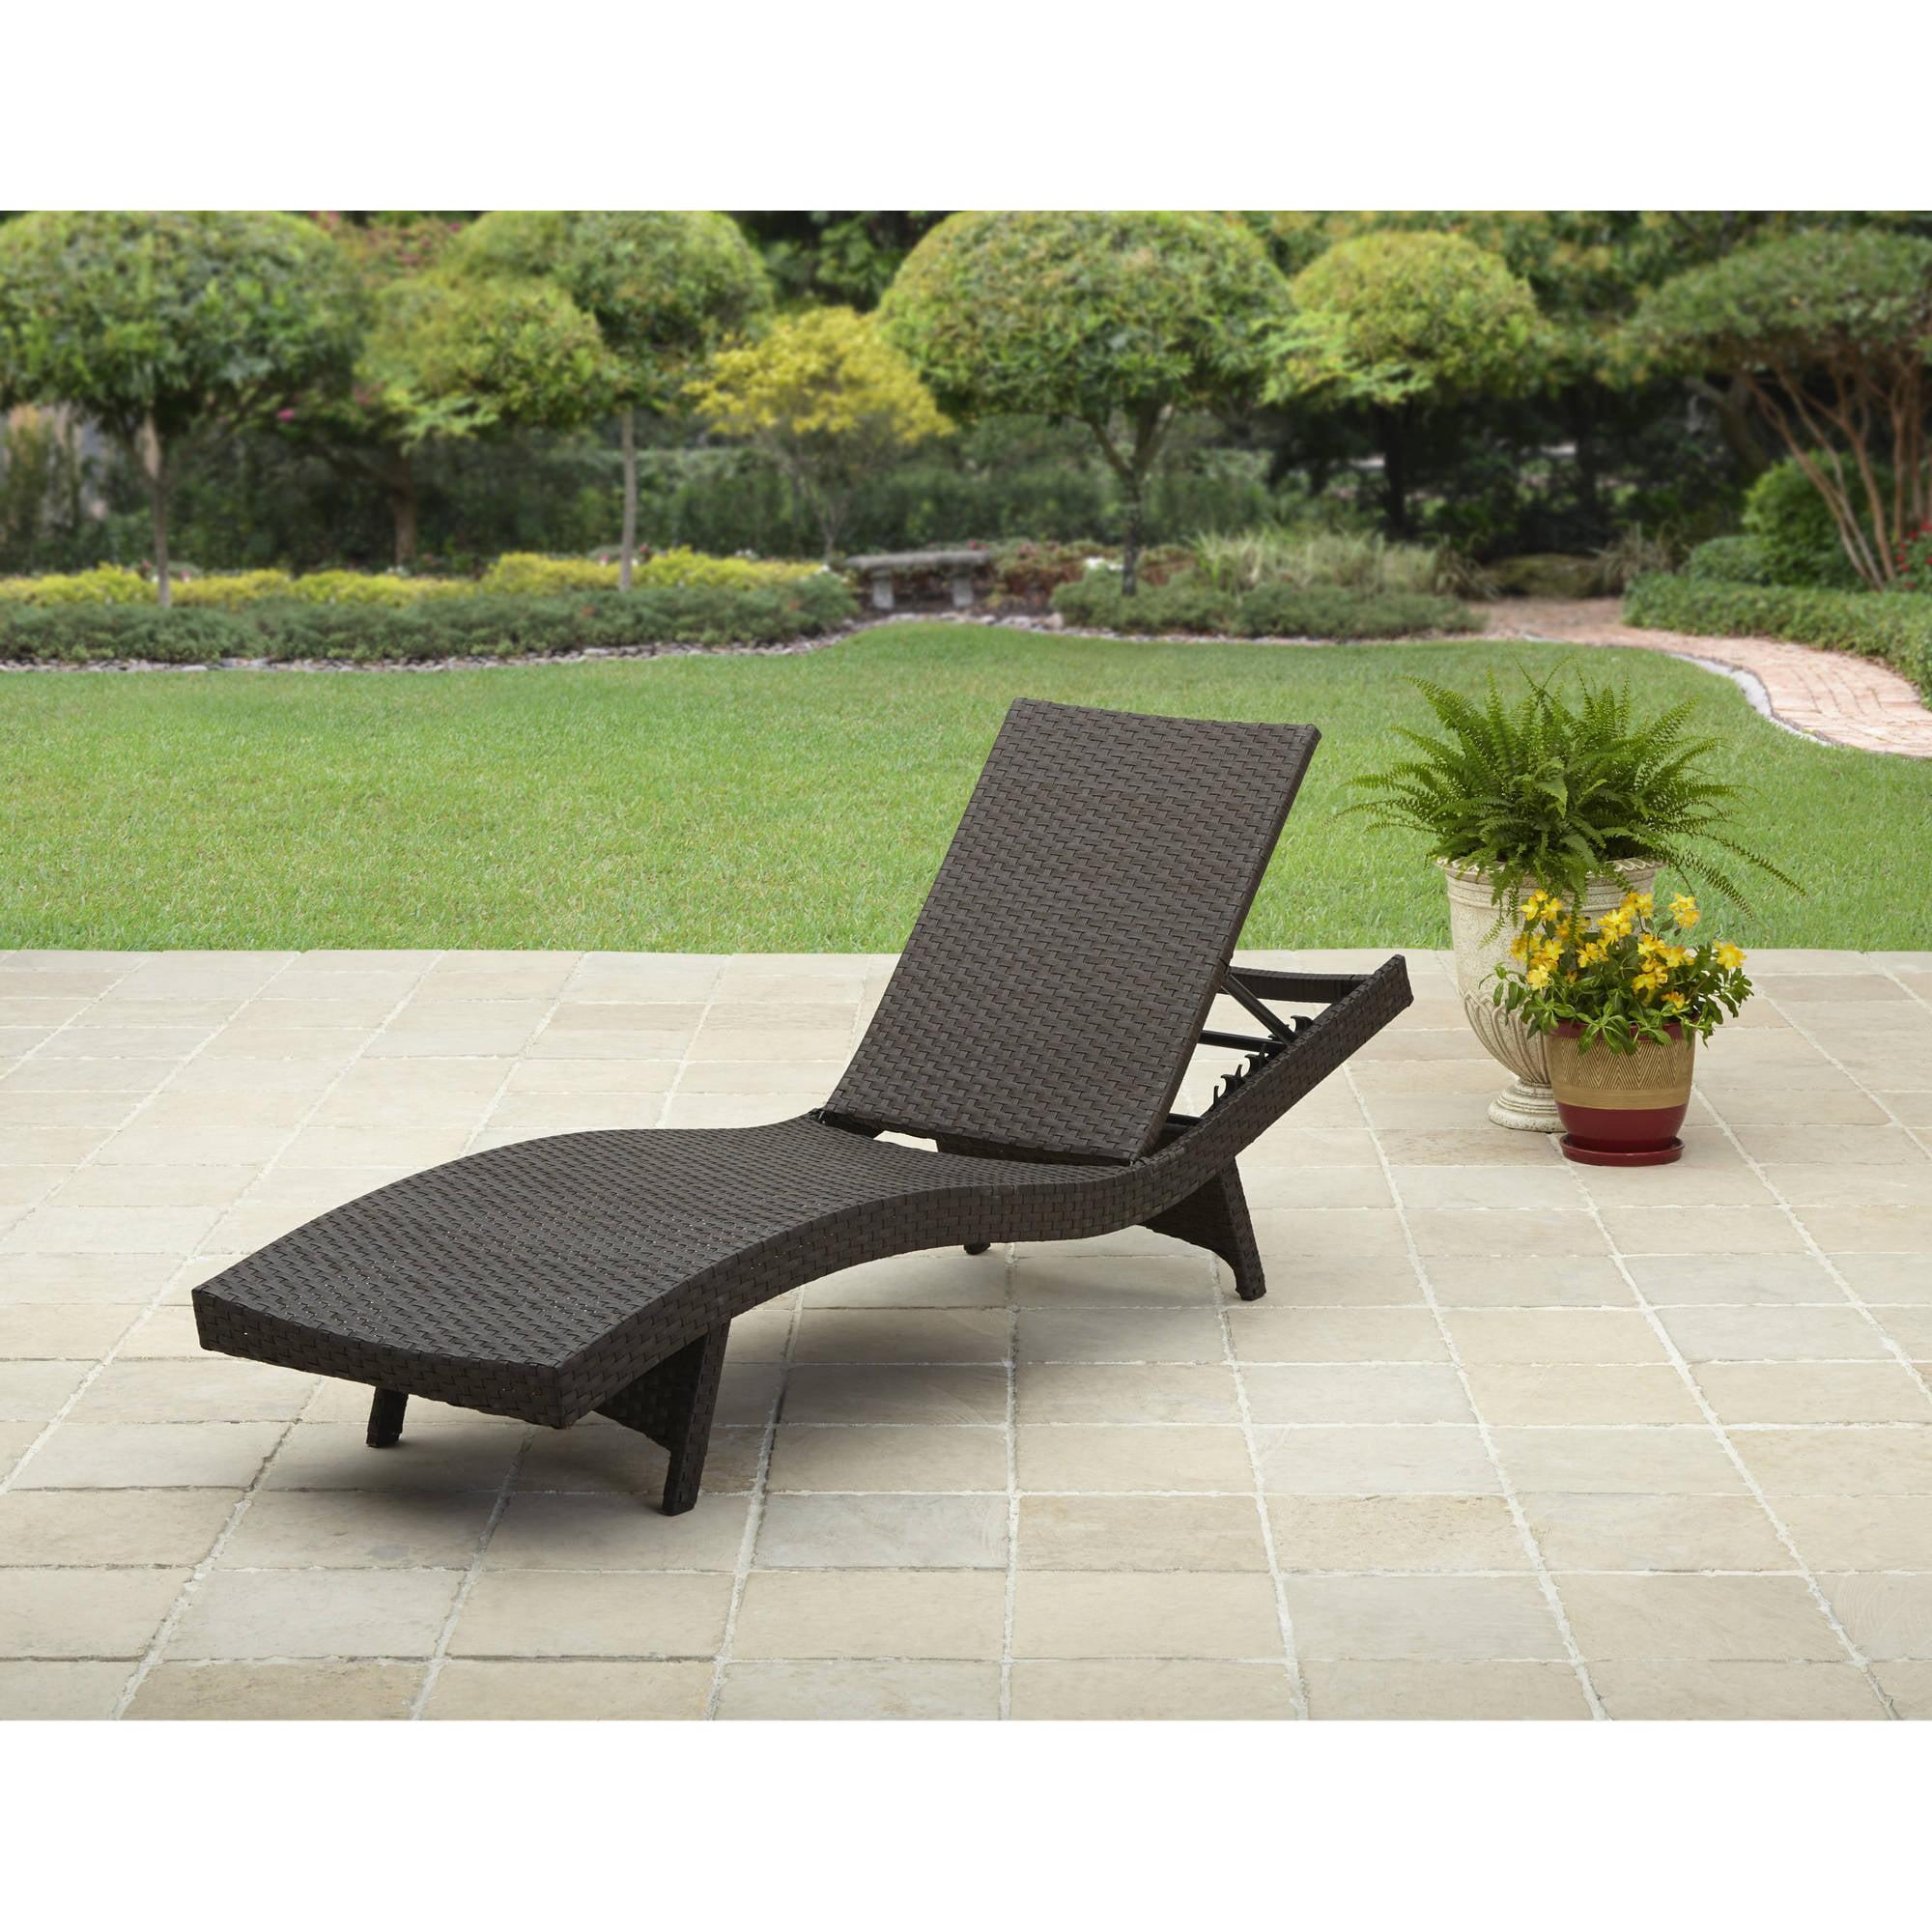 Better Homes & Gardens Avila Beach Chaise